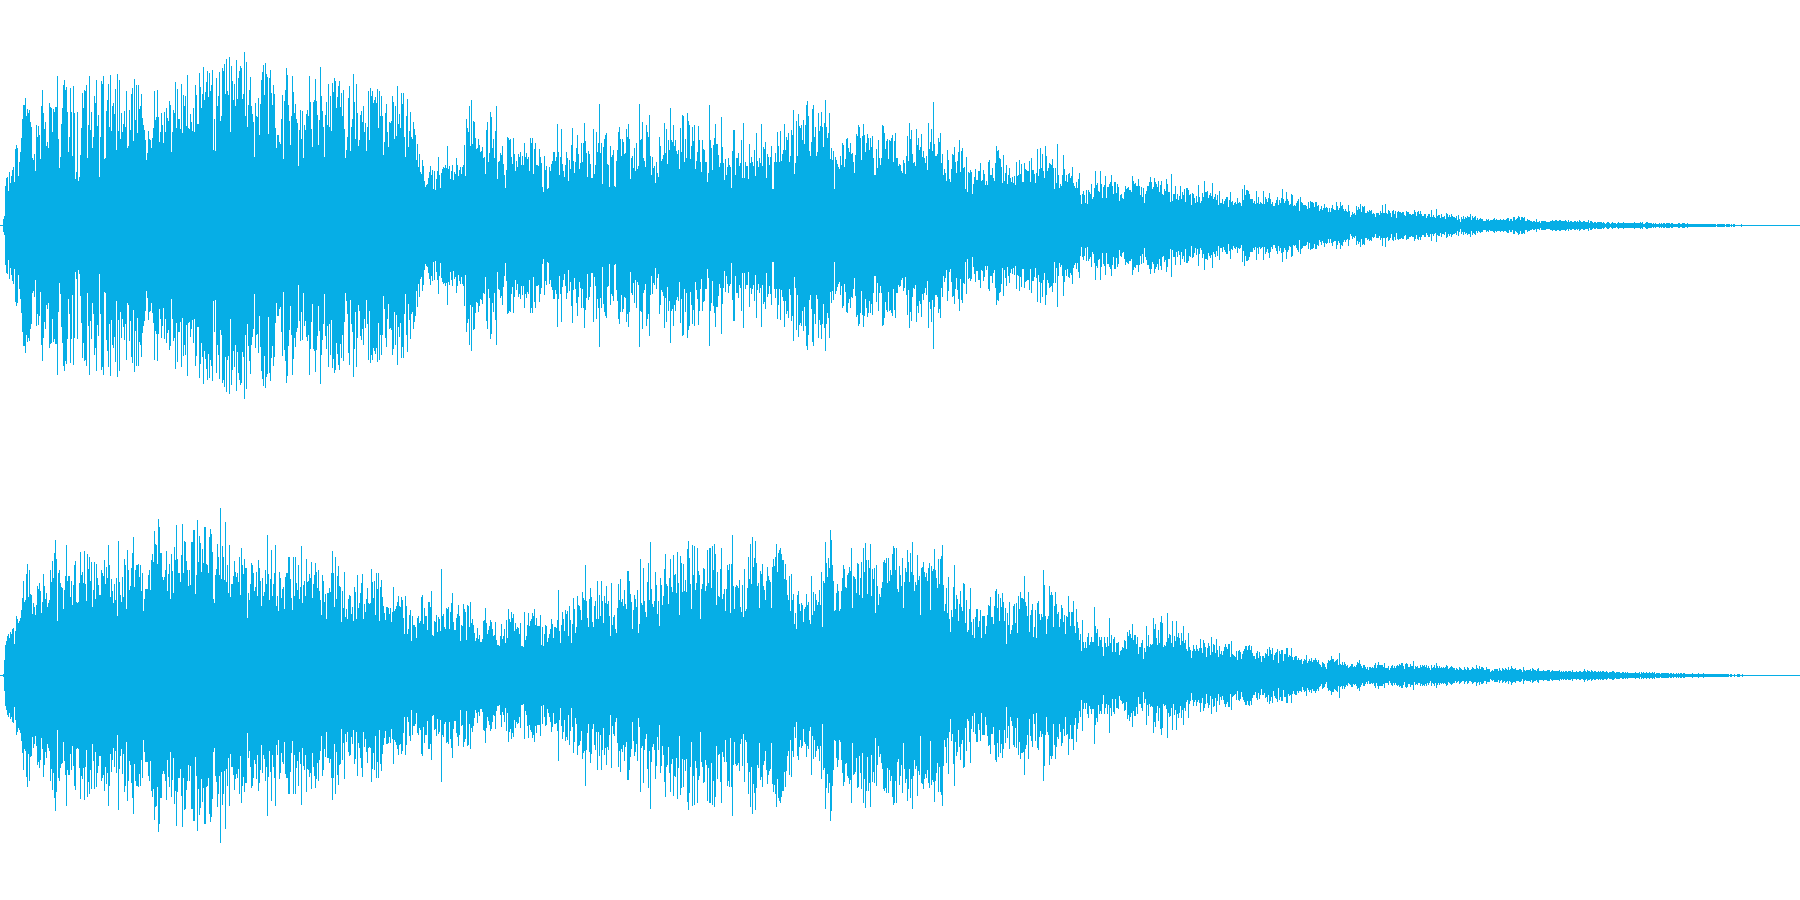 ブォァァン(悪い魔法をかけたような音)の再生済みの波形